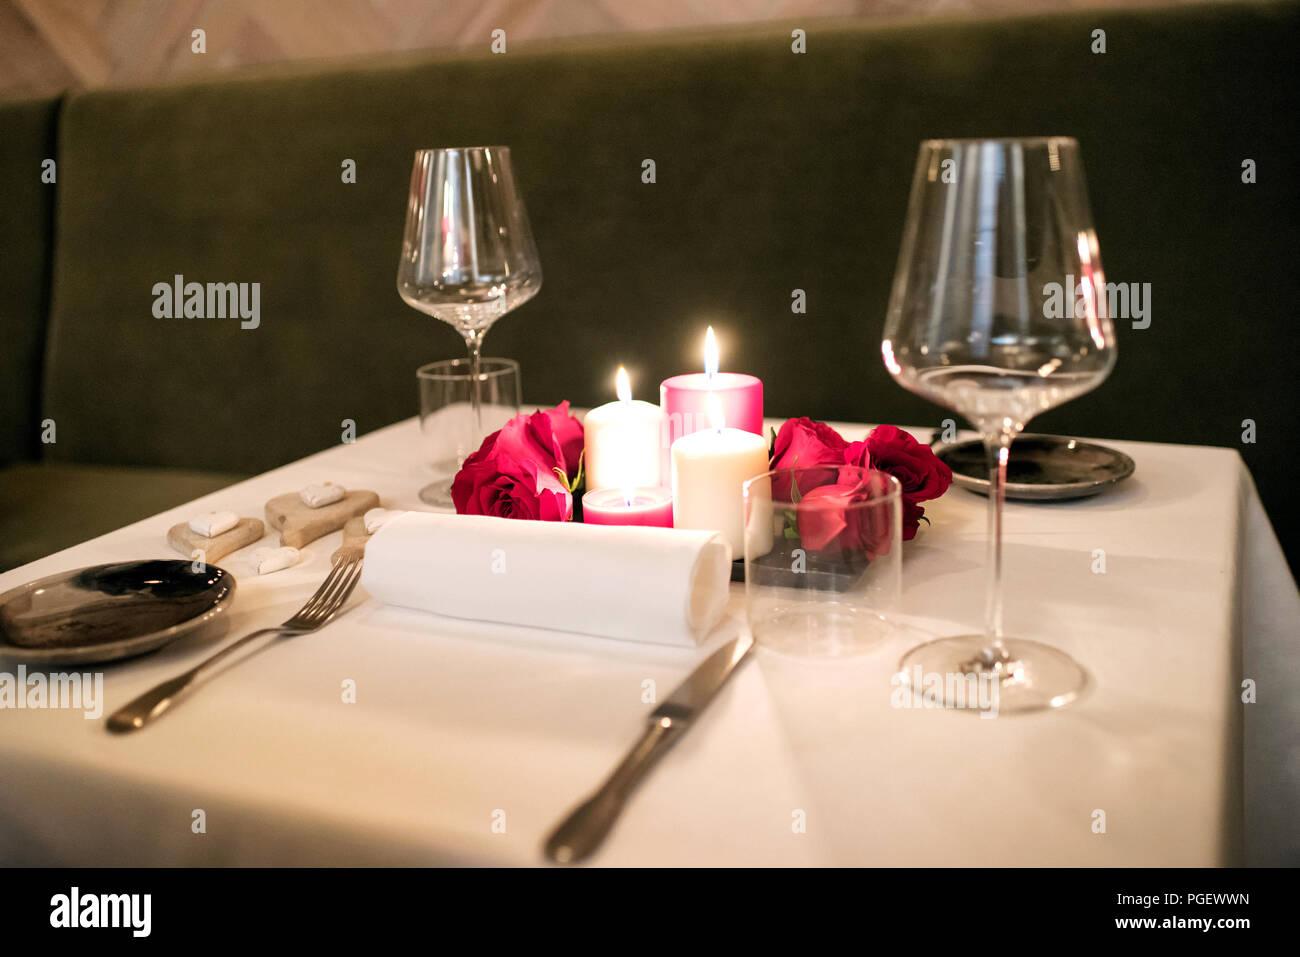 Intime Romantisch Gedeckten Tisch Bei Kerzenschein Für Zwei Mit Einem  Herzstück Der Brennenden Kerzen Und Roten Rosenblättern Und Elegantem  Geschirr Für ...